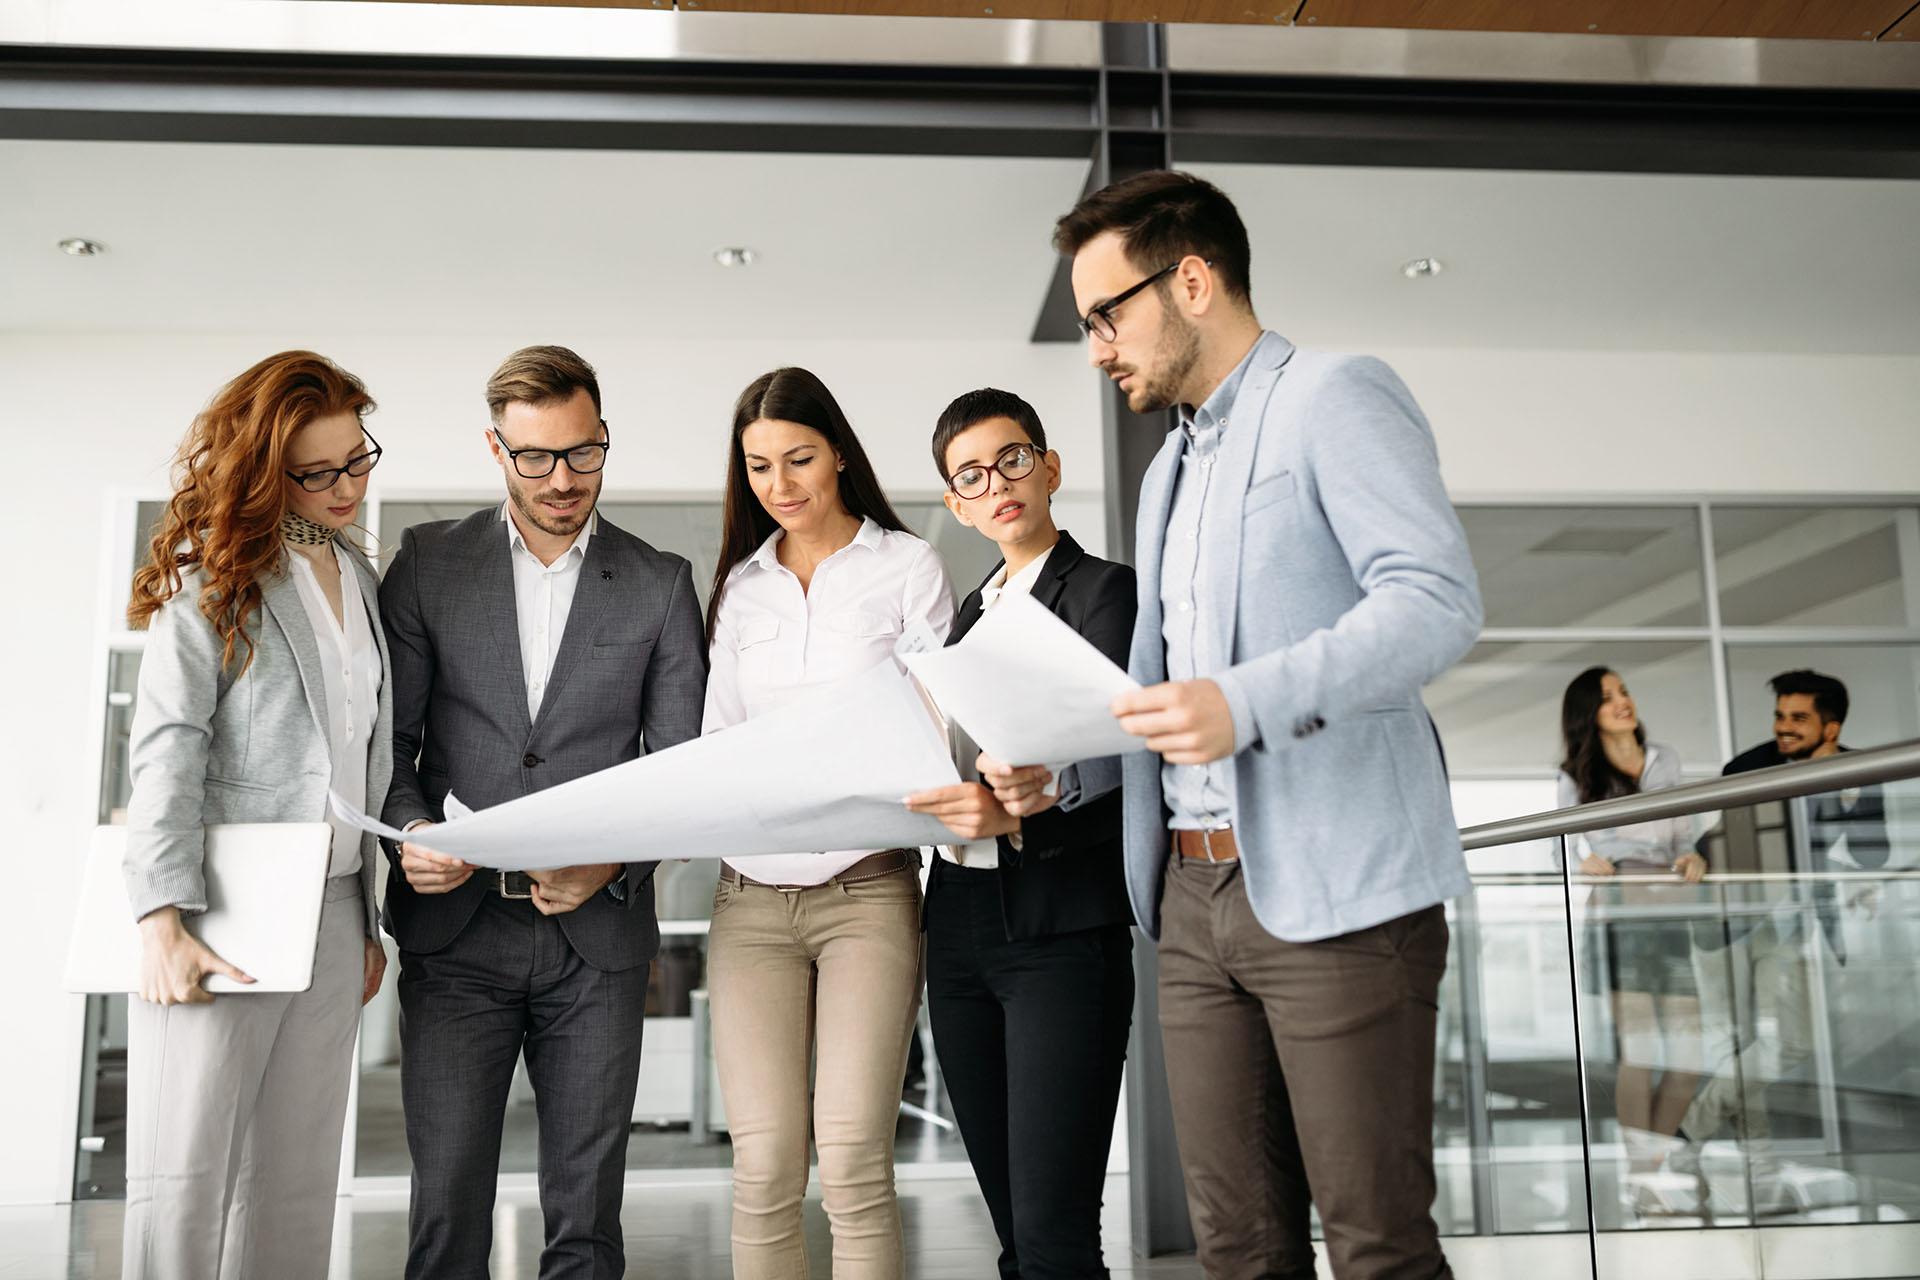 Personalvermittlung Recruiting Rekrutierung Personal Arbeitskräfte